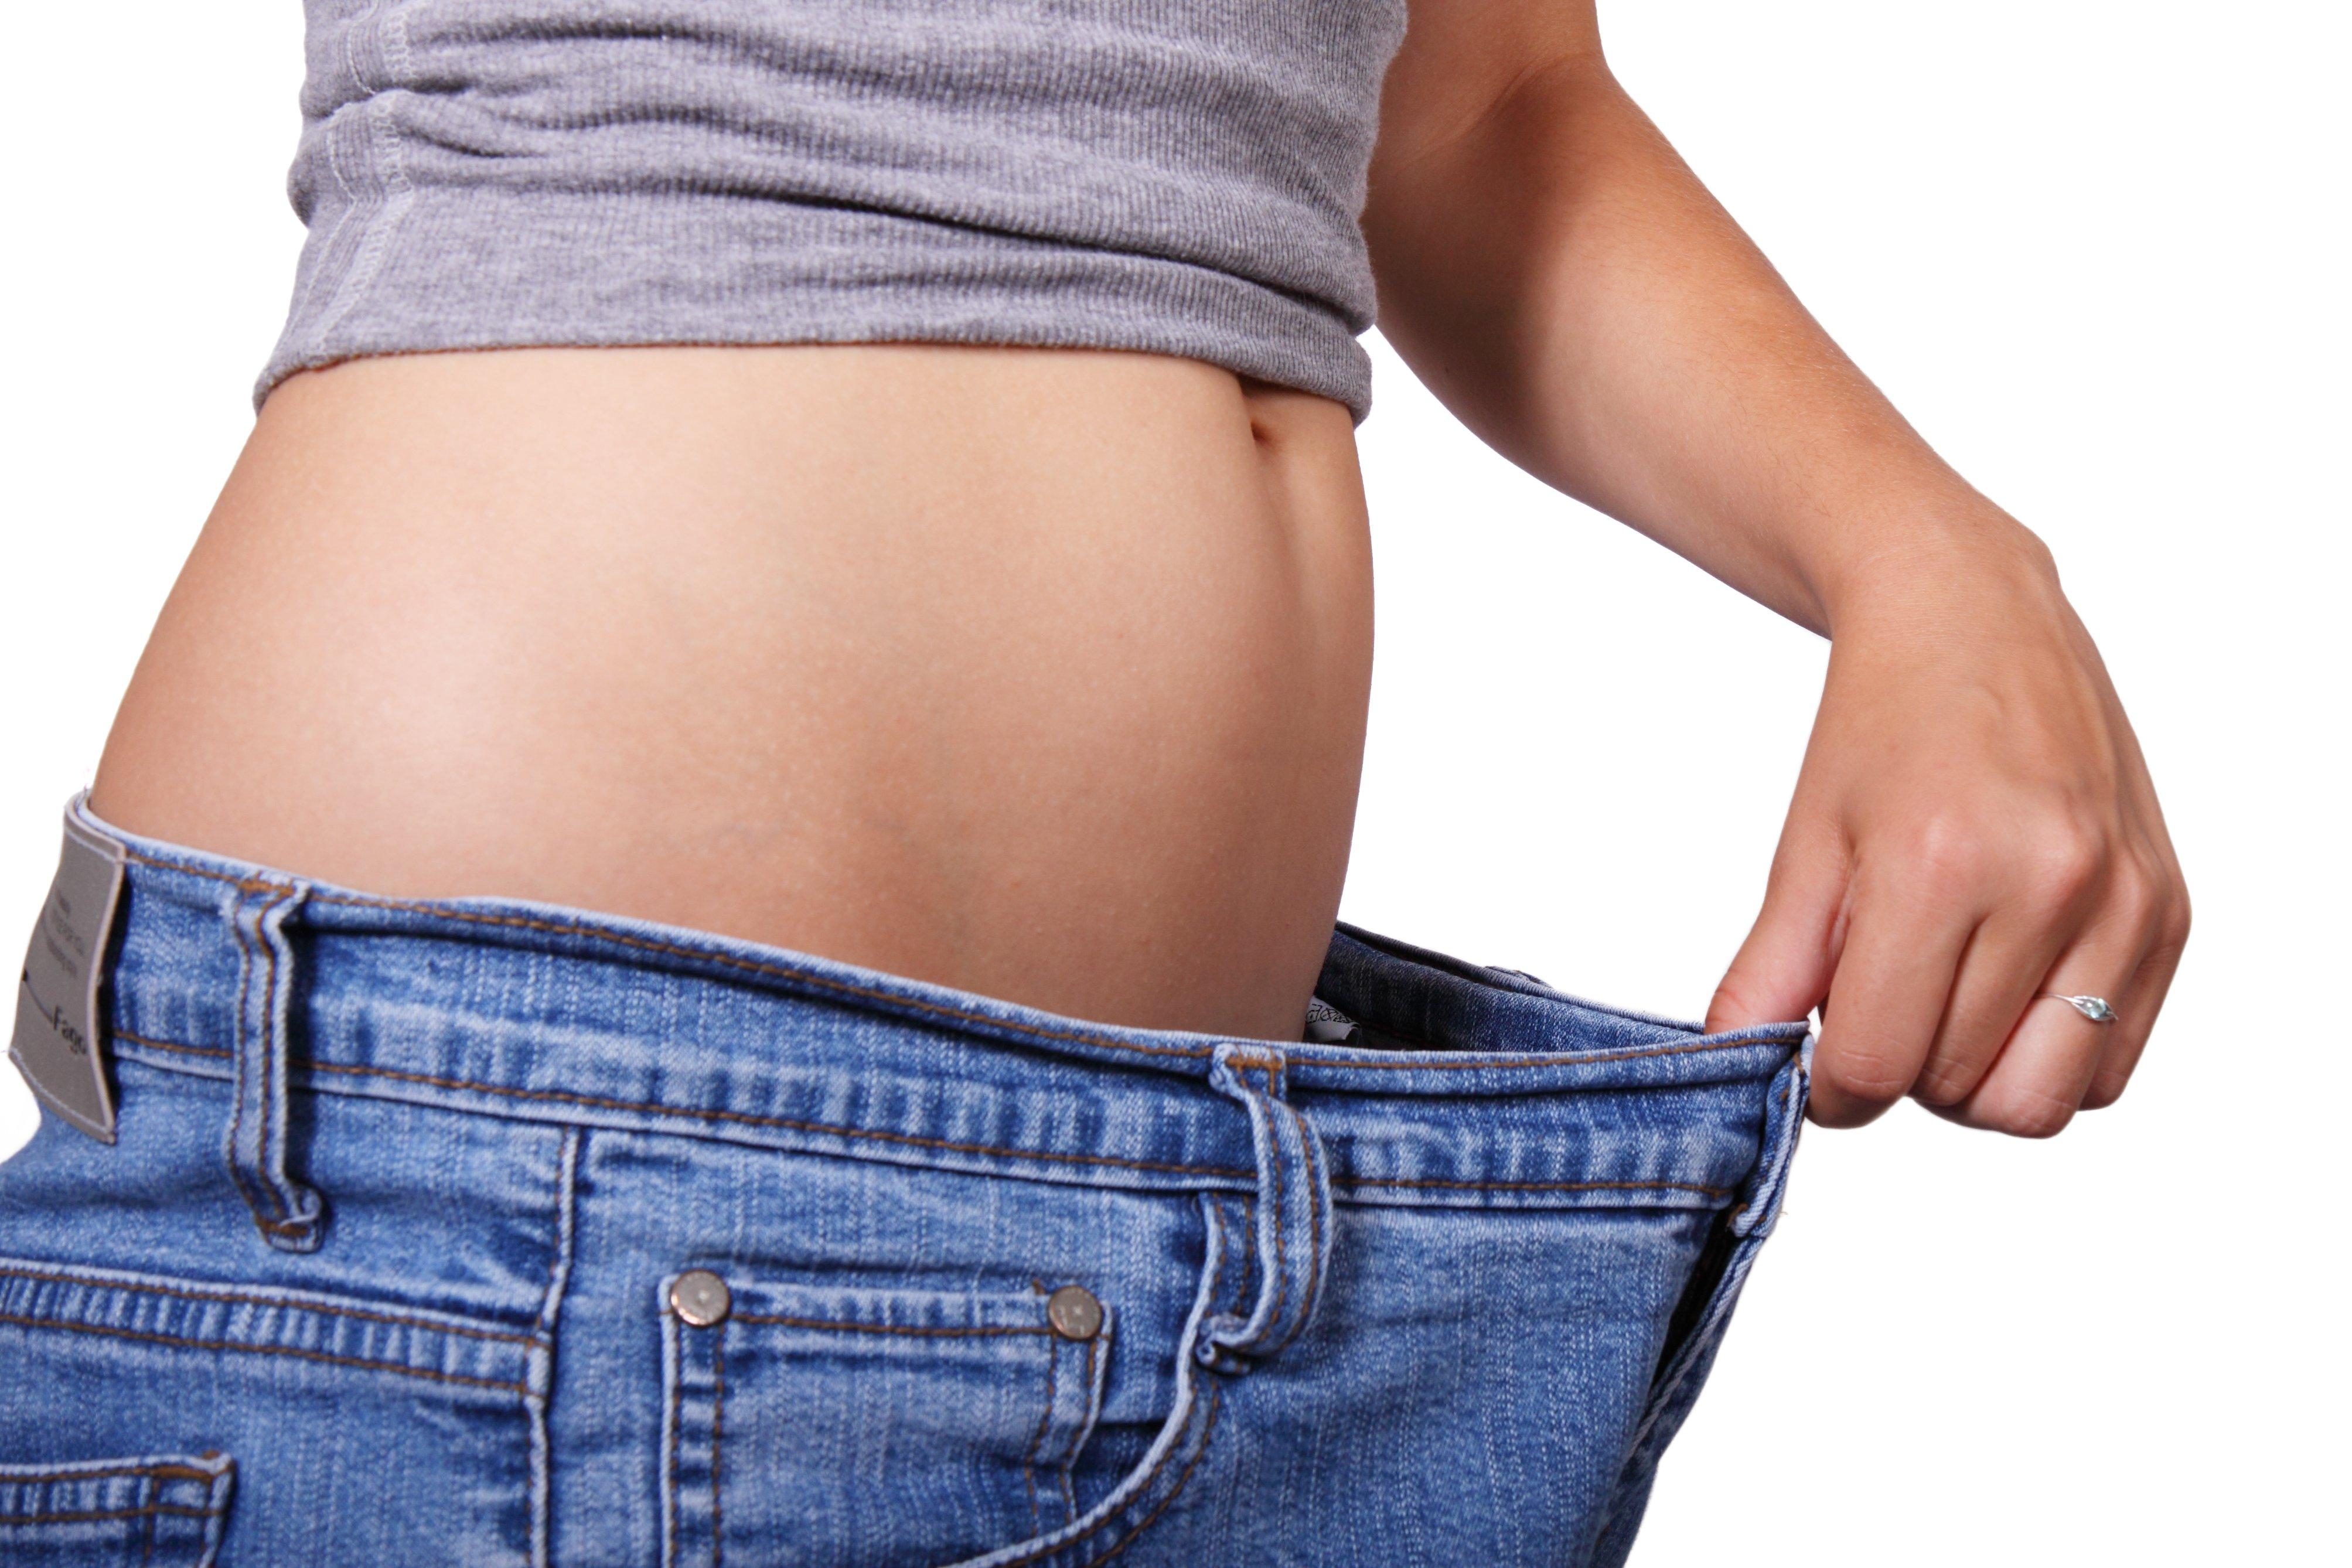 kūno riebalų masės apskaičiavimas